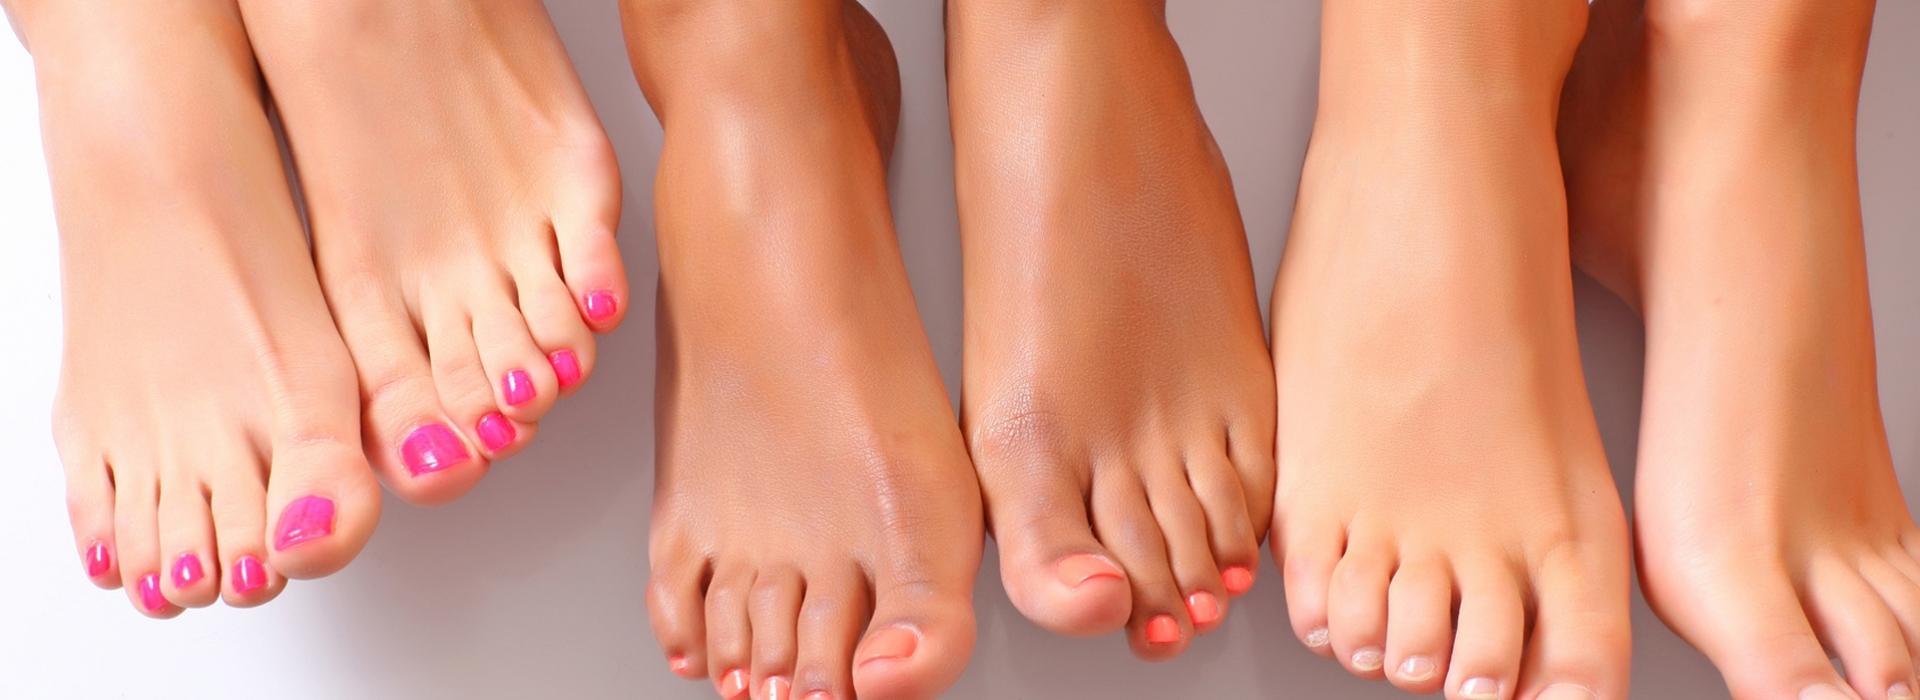 Фото красивых ножок 5 фотография